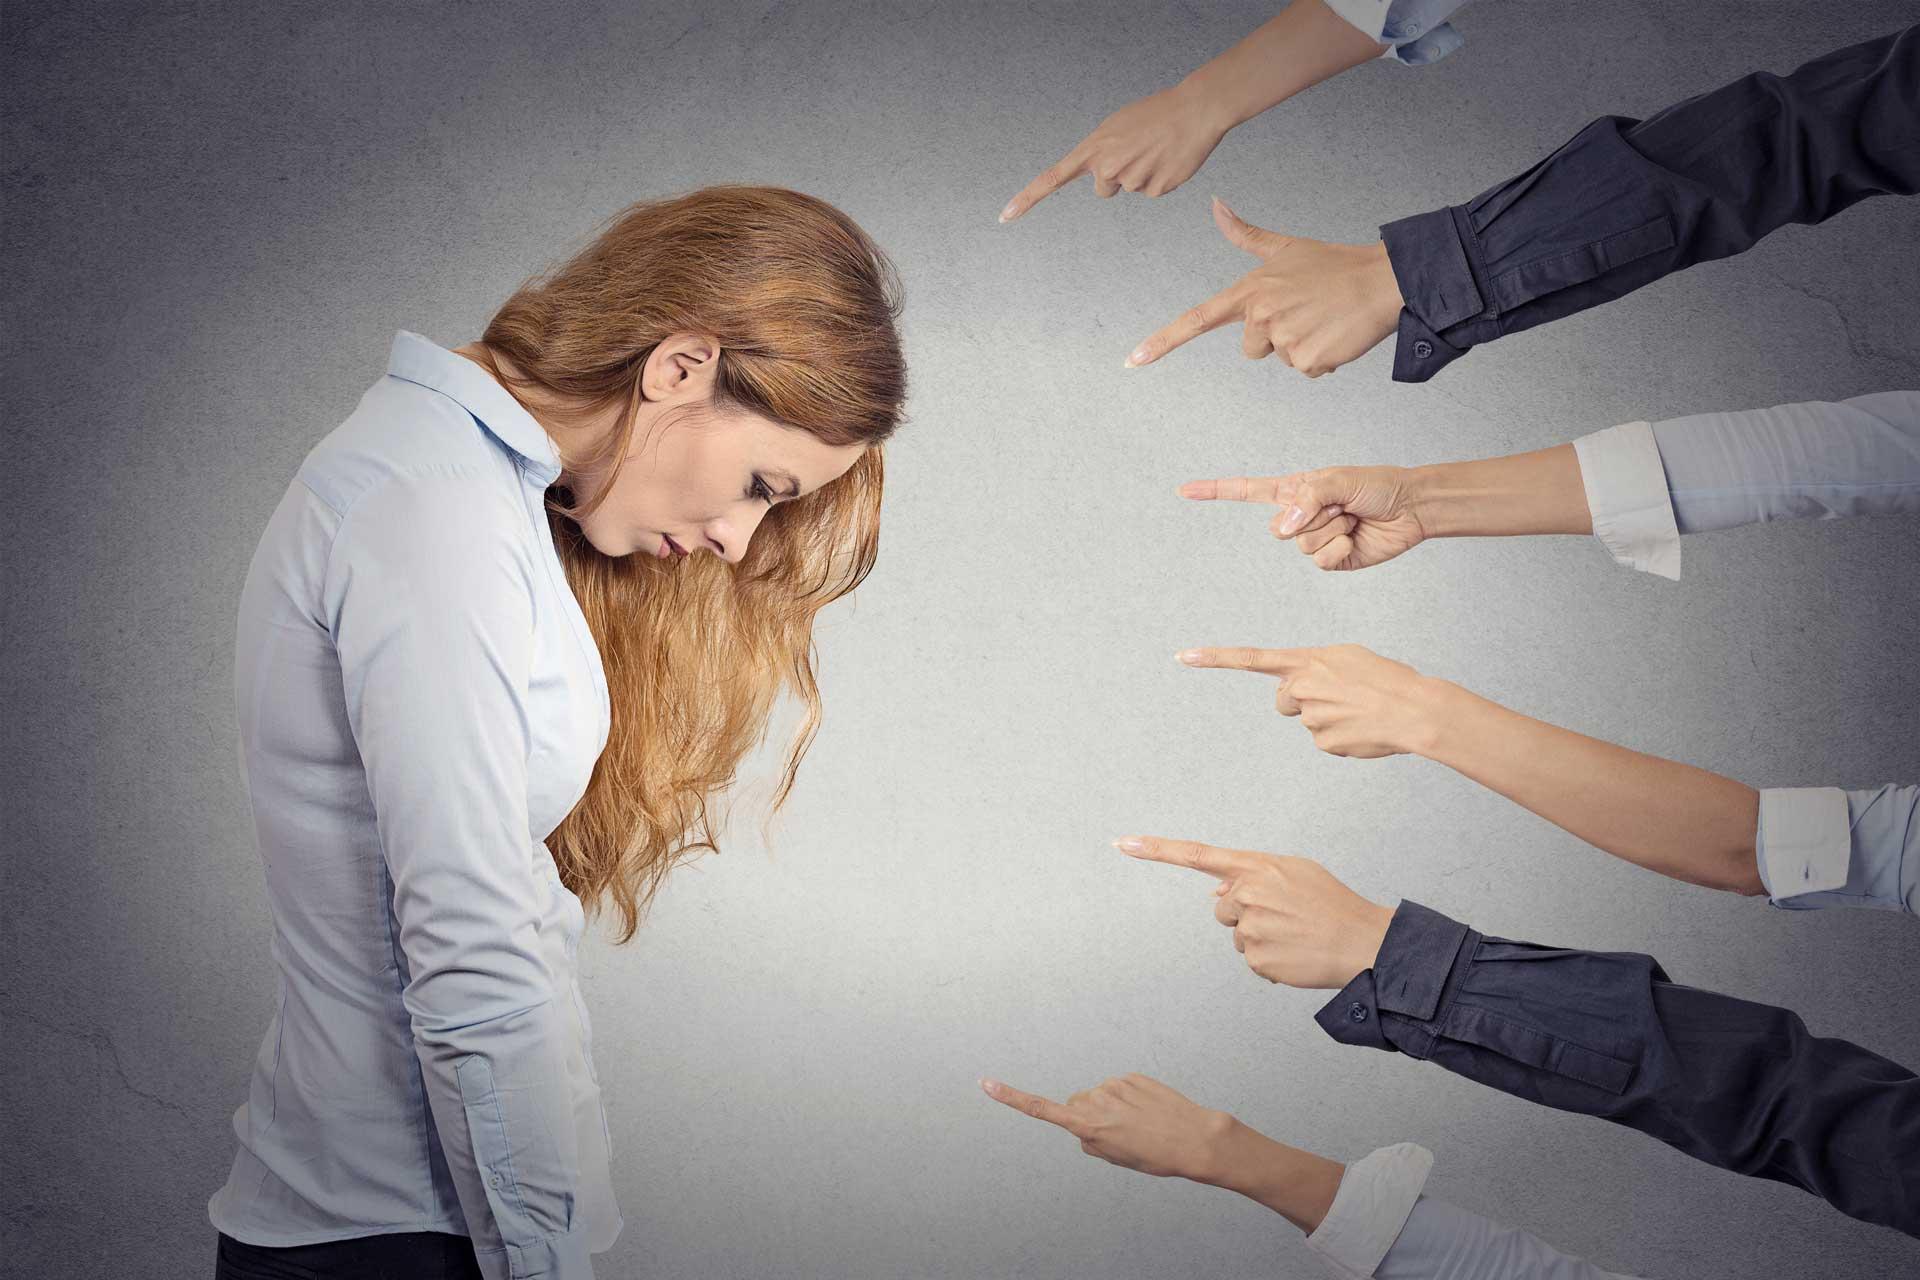 чувство вины. женщина. работающая женщина. синдром деловой женщины.